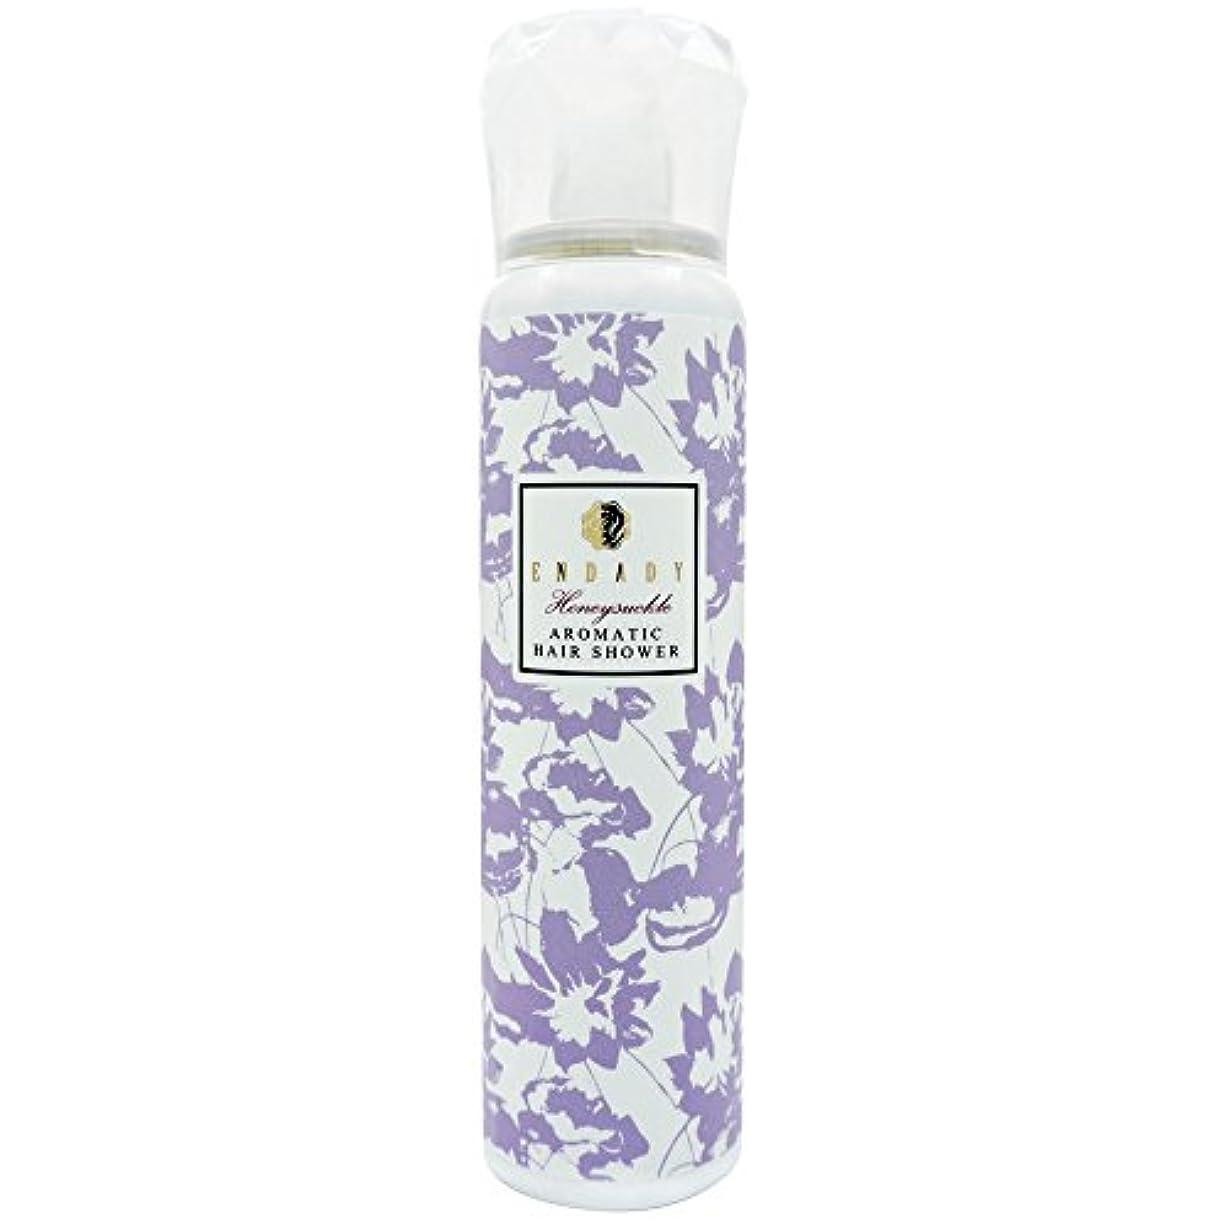 勇気消える運賃エンダディ アロマティック ヘアシャワー 〈ハニーサックルの香り〉 (90g)